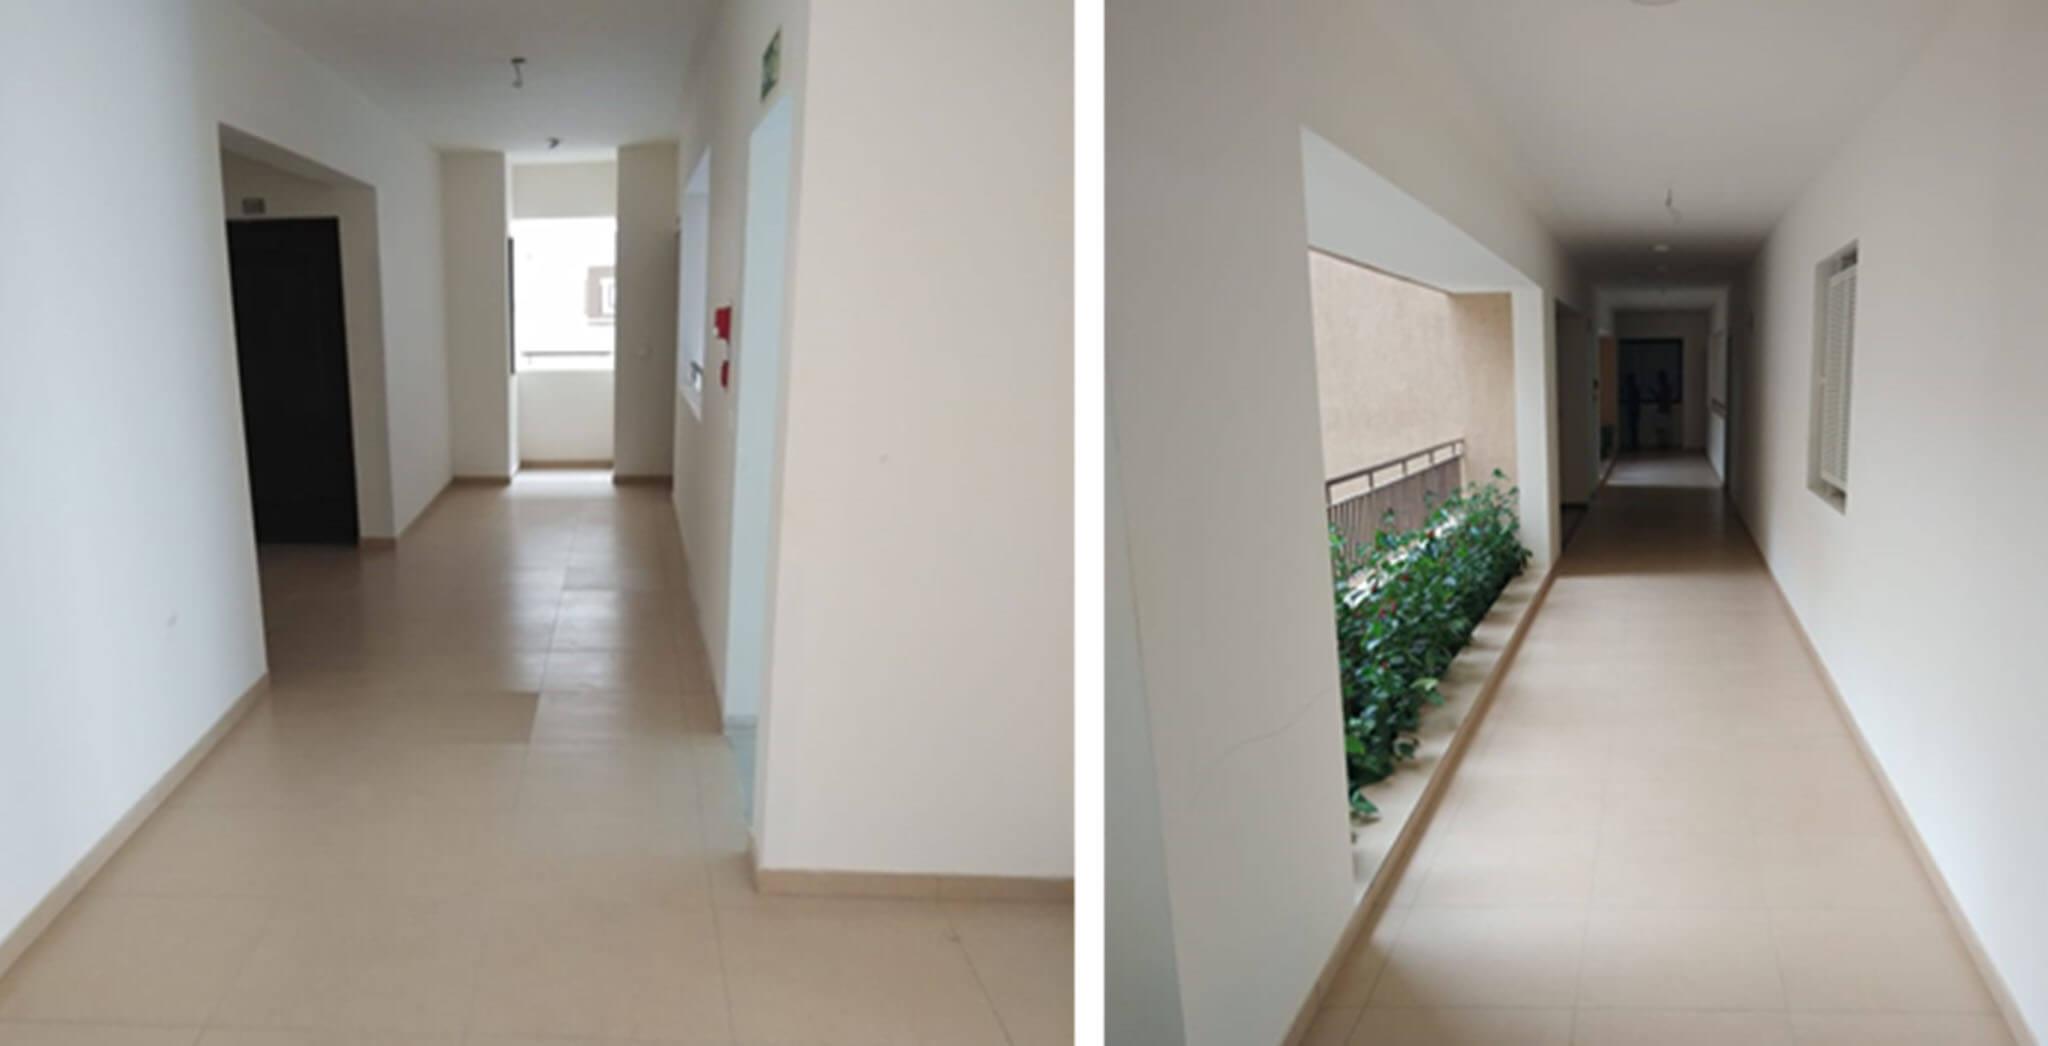 Block A: Corridor